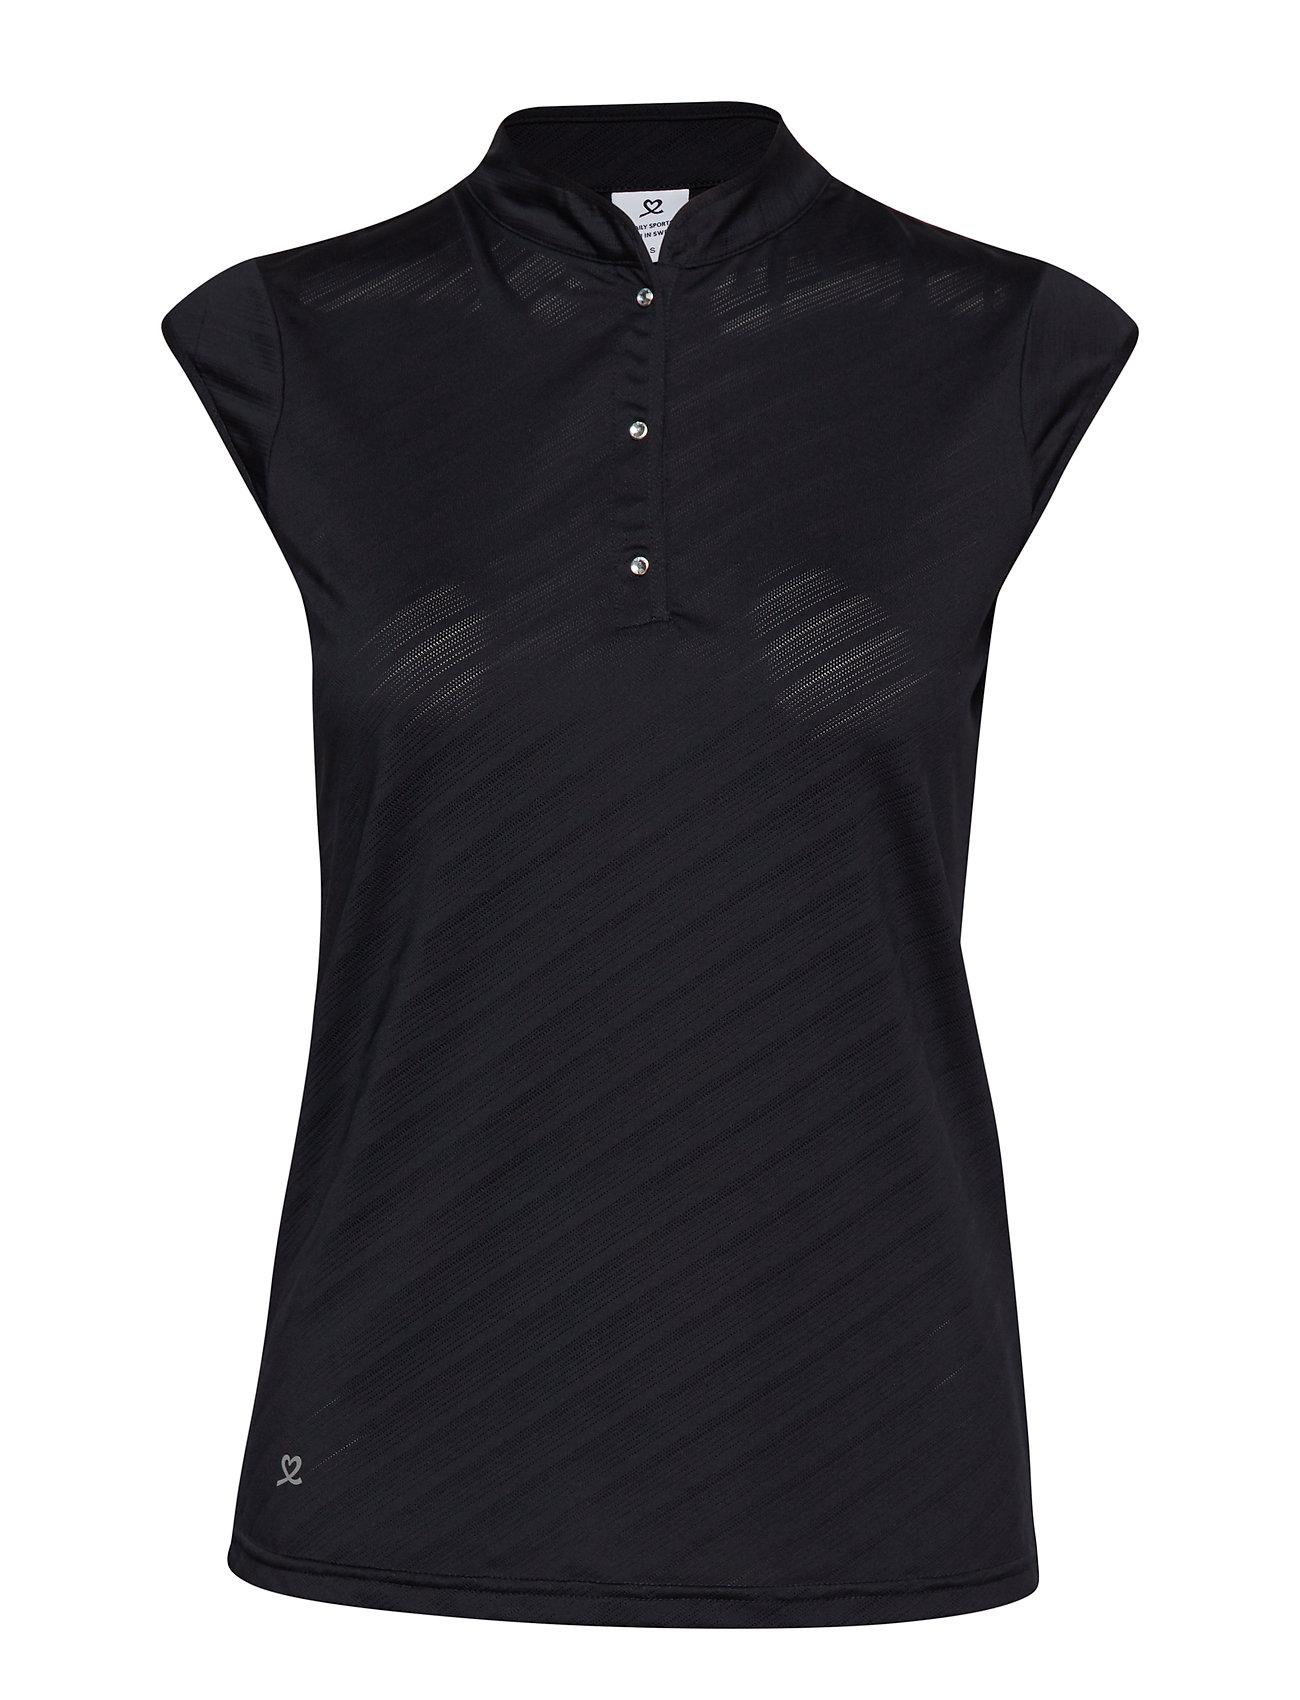 14e5b6210 Lorin Cap/S Polo Shirt